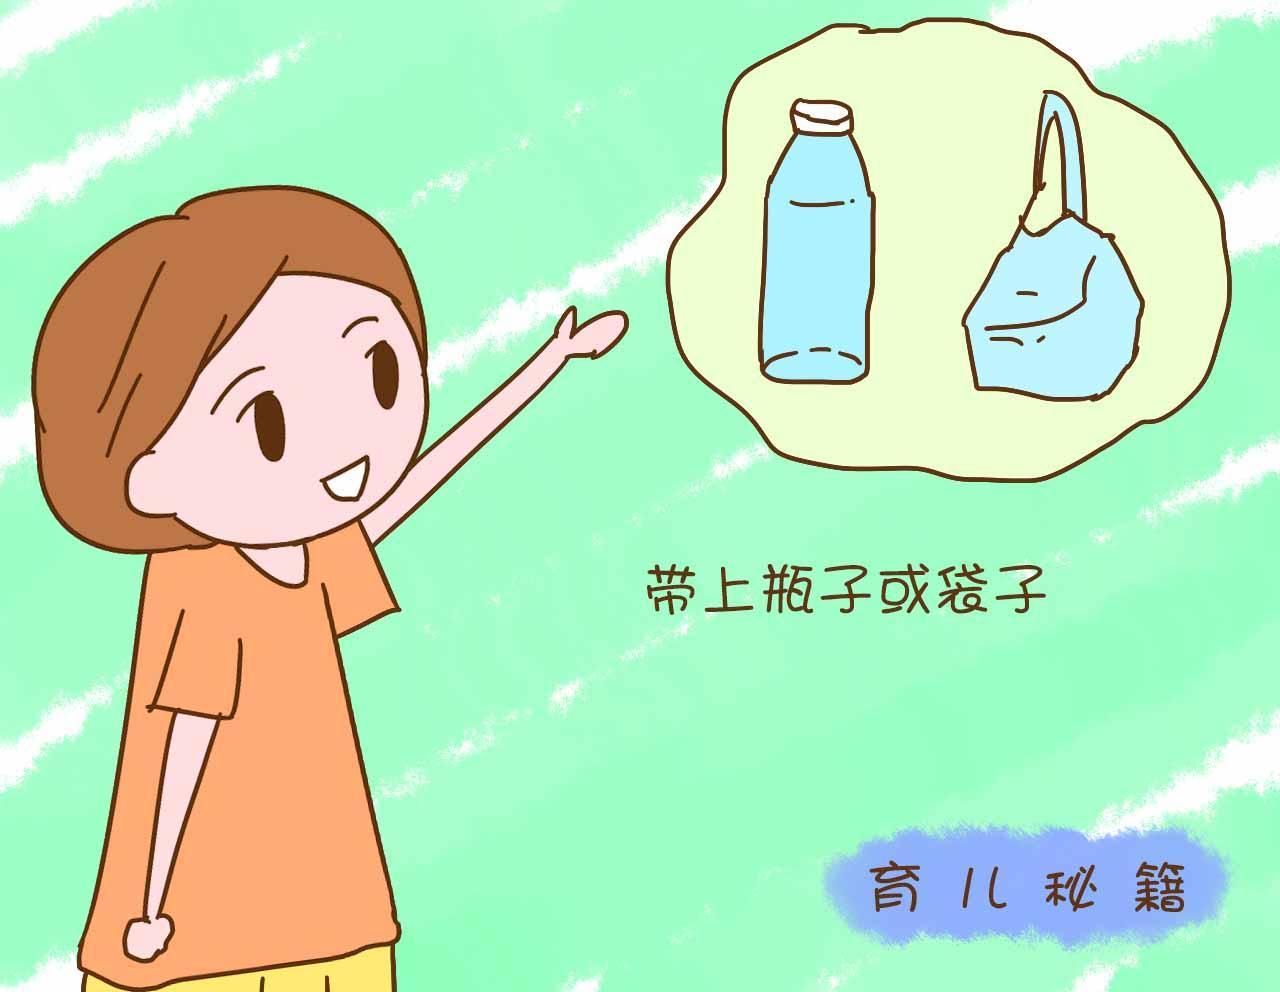 家长公然用超市杯子给孩子接尿,商家真的要吐血